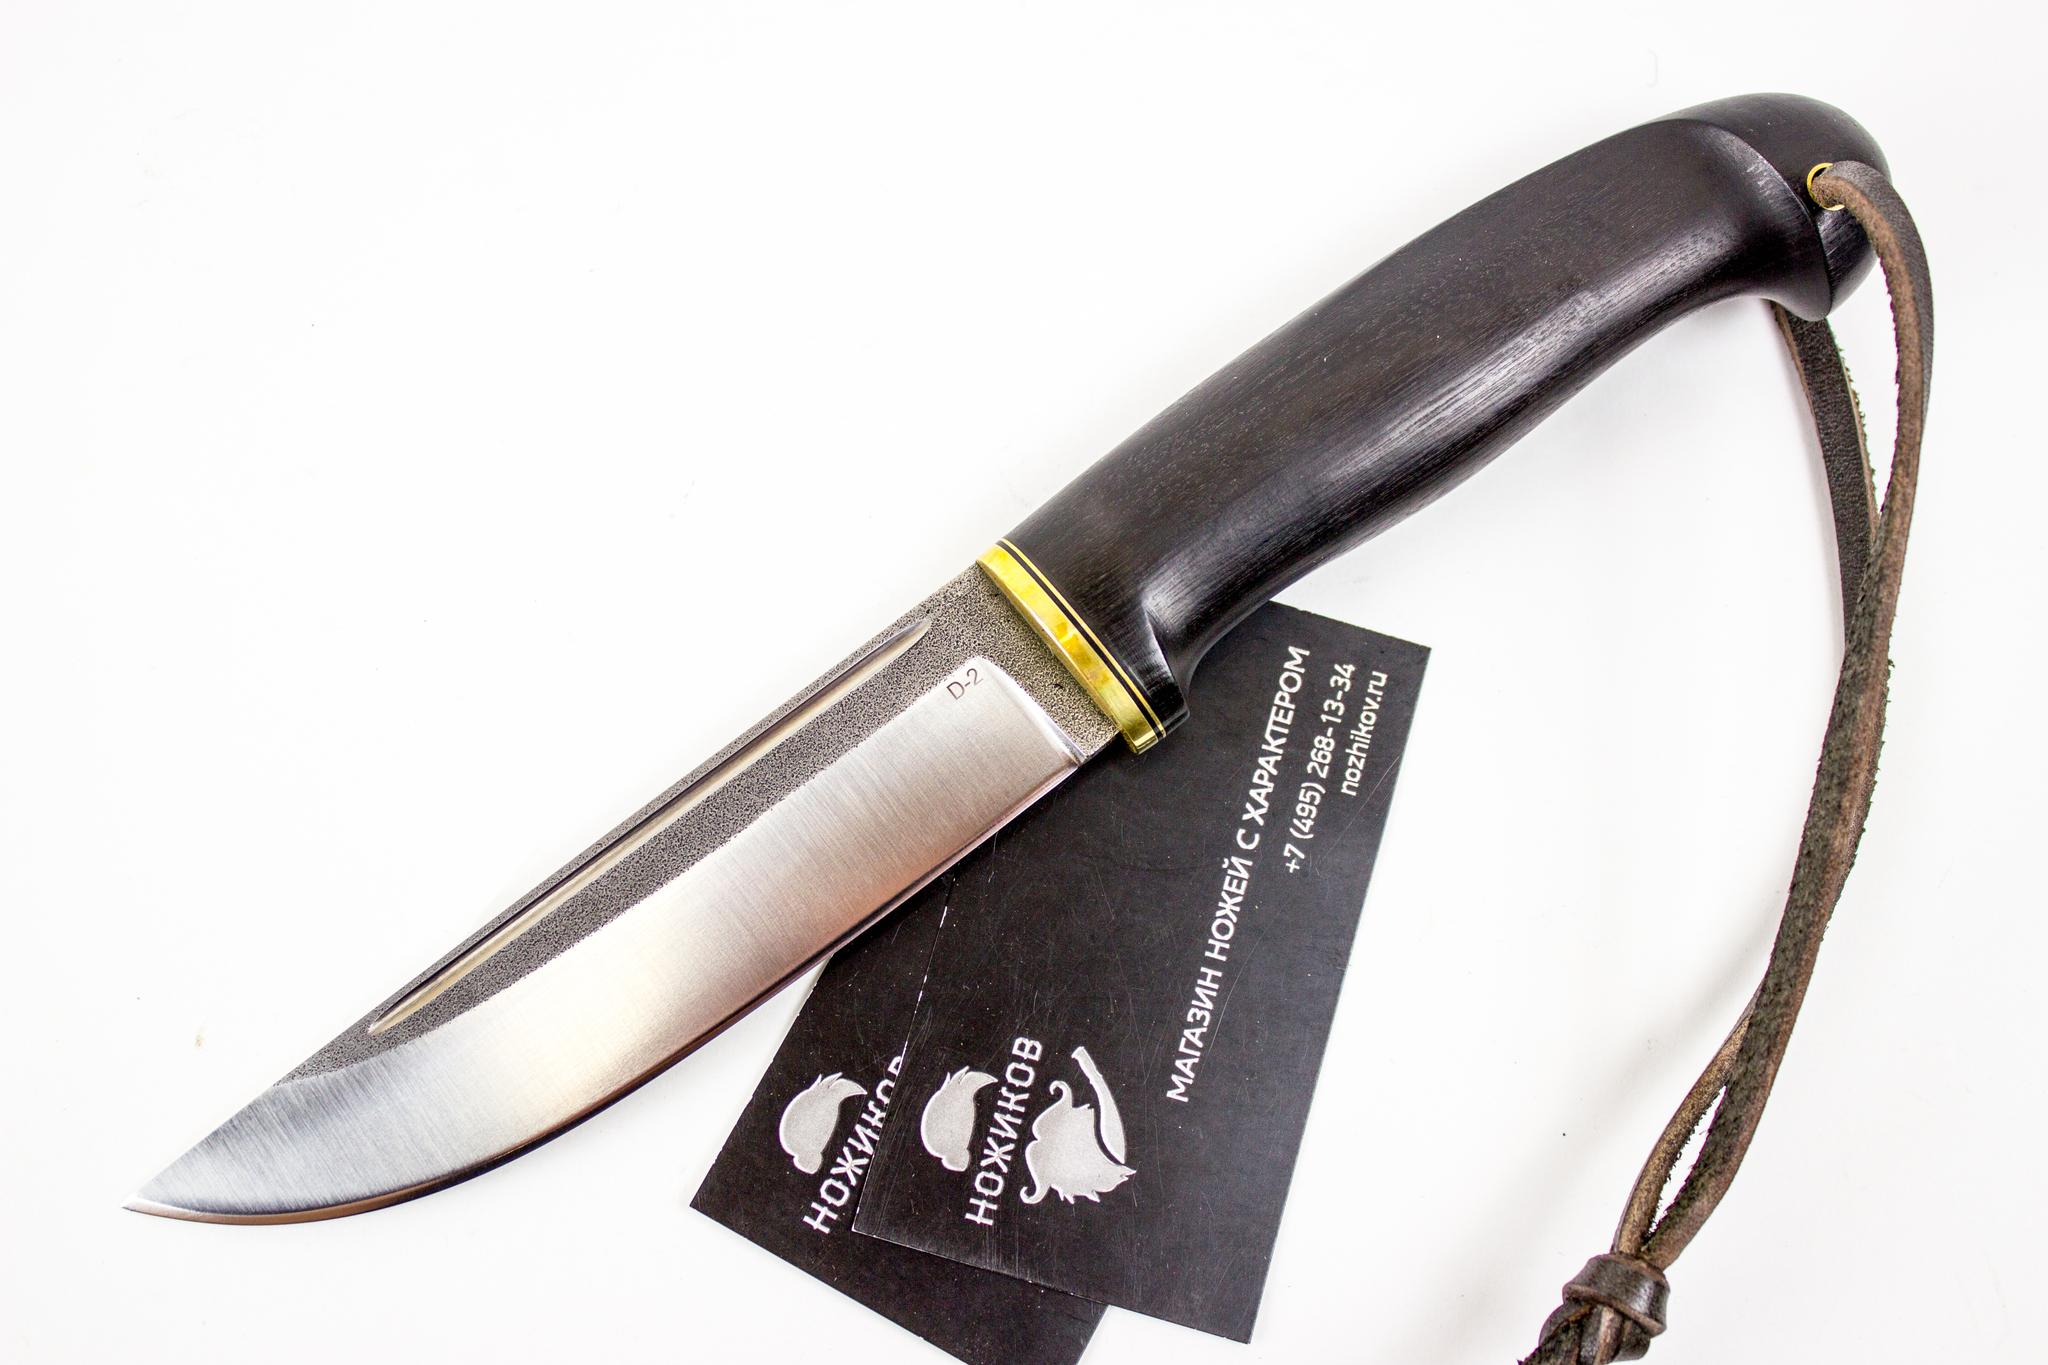 Нож Лиман, сталь D2, черный граб, следы ковкиНожи из стали D2<br><br>